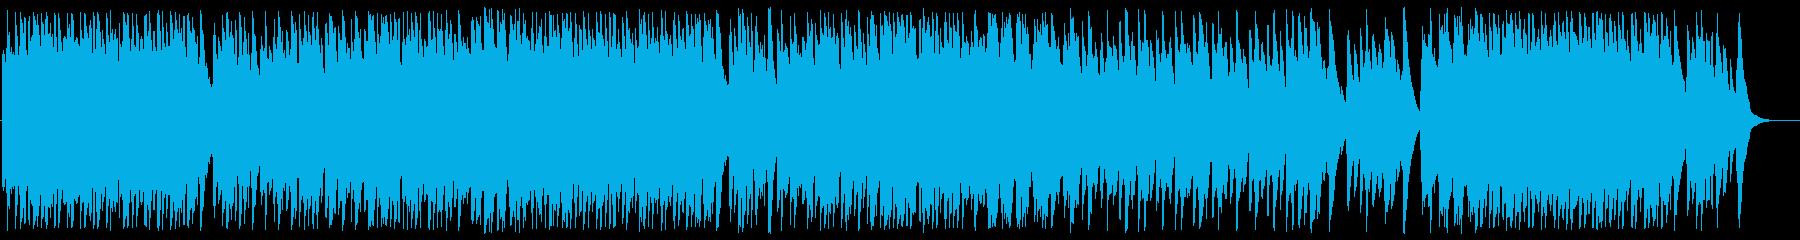 三隻の船 オルゴールの再生済みの波形